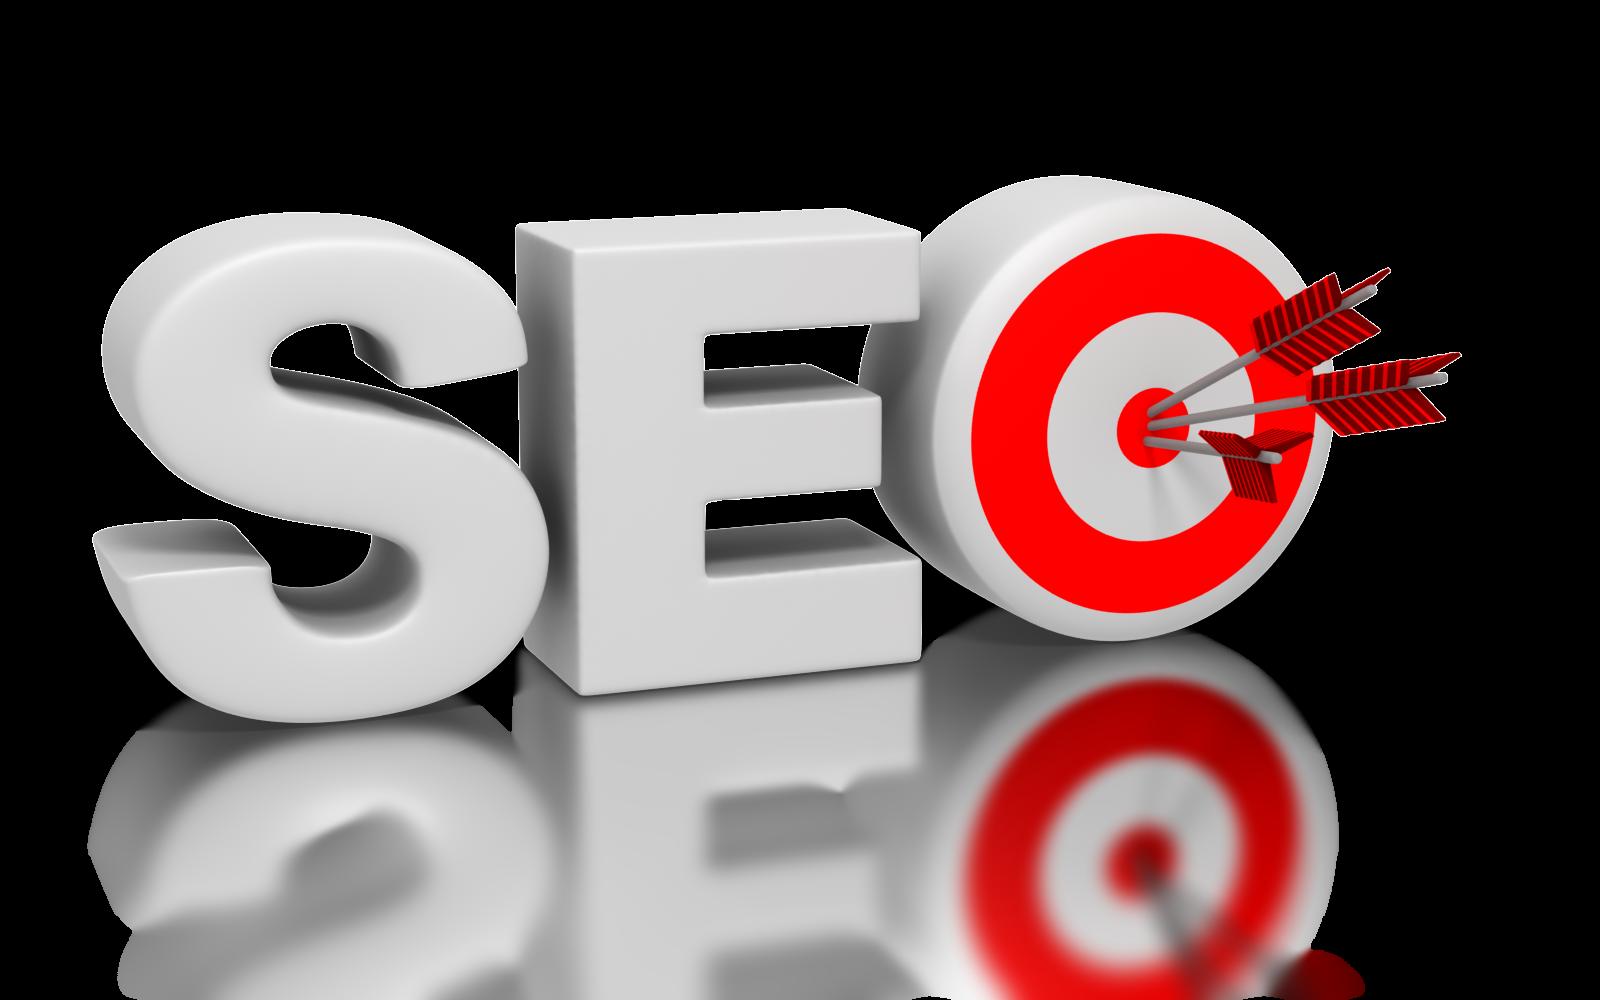 Быстрое продвижение сайта в поисковых системах